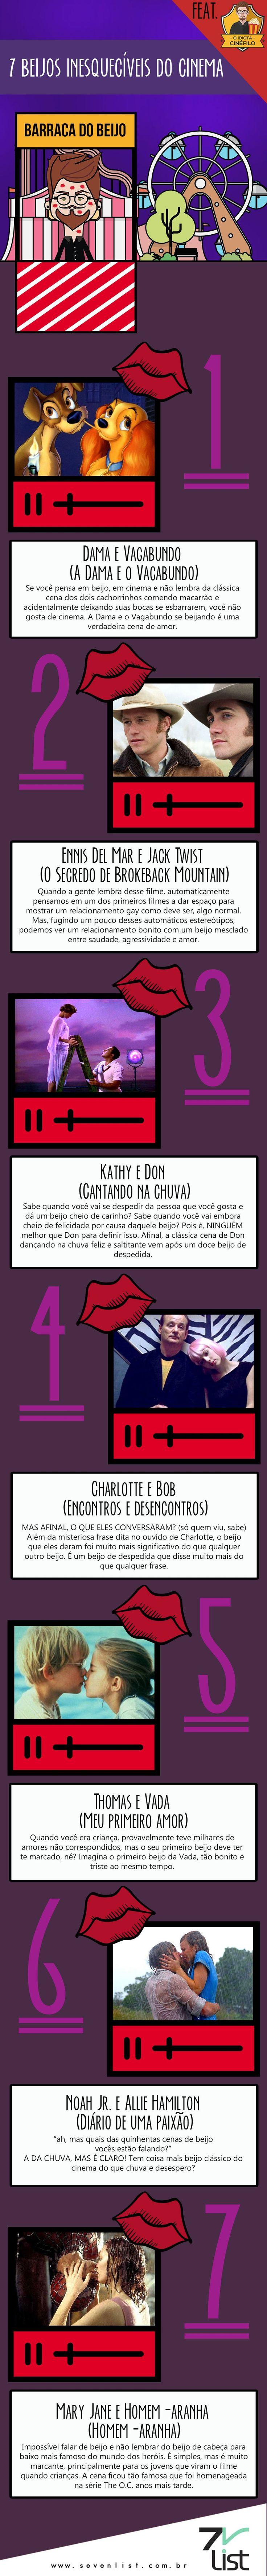 Ainda faltam quatro dias para o Dia do Beijo, mas como nós aqui somos todos muito ansiosos já queremos comemorar. Veja 7 beijos inesquecíveis do cinema que o Idiota Cinéfilo listou. #SevenList #Cinema #Kiss #DiadoBeijo #Filmes #Movie #Film #Beijosdocinema